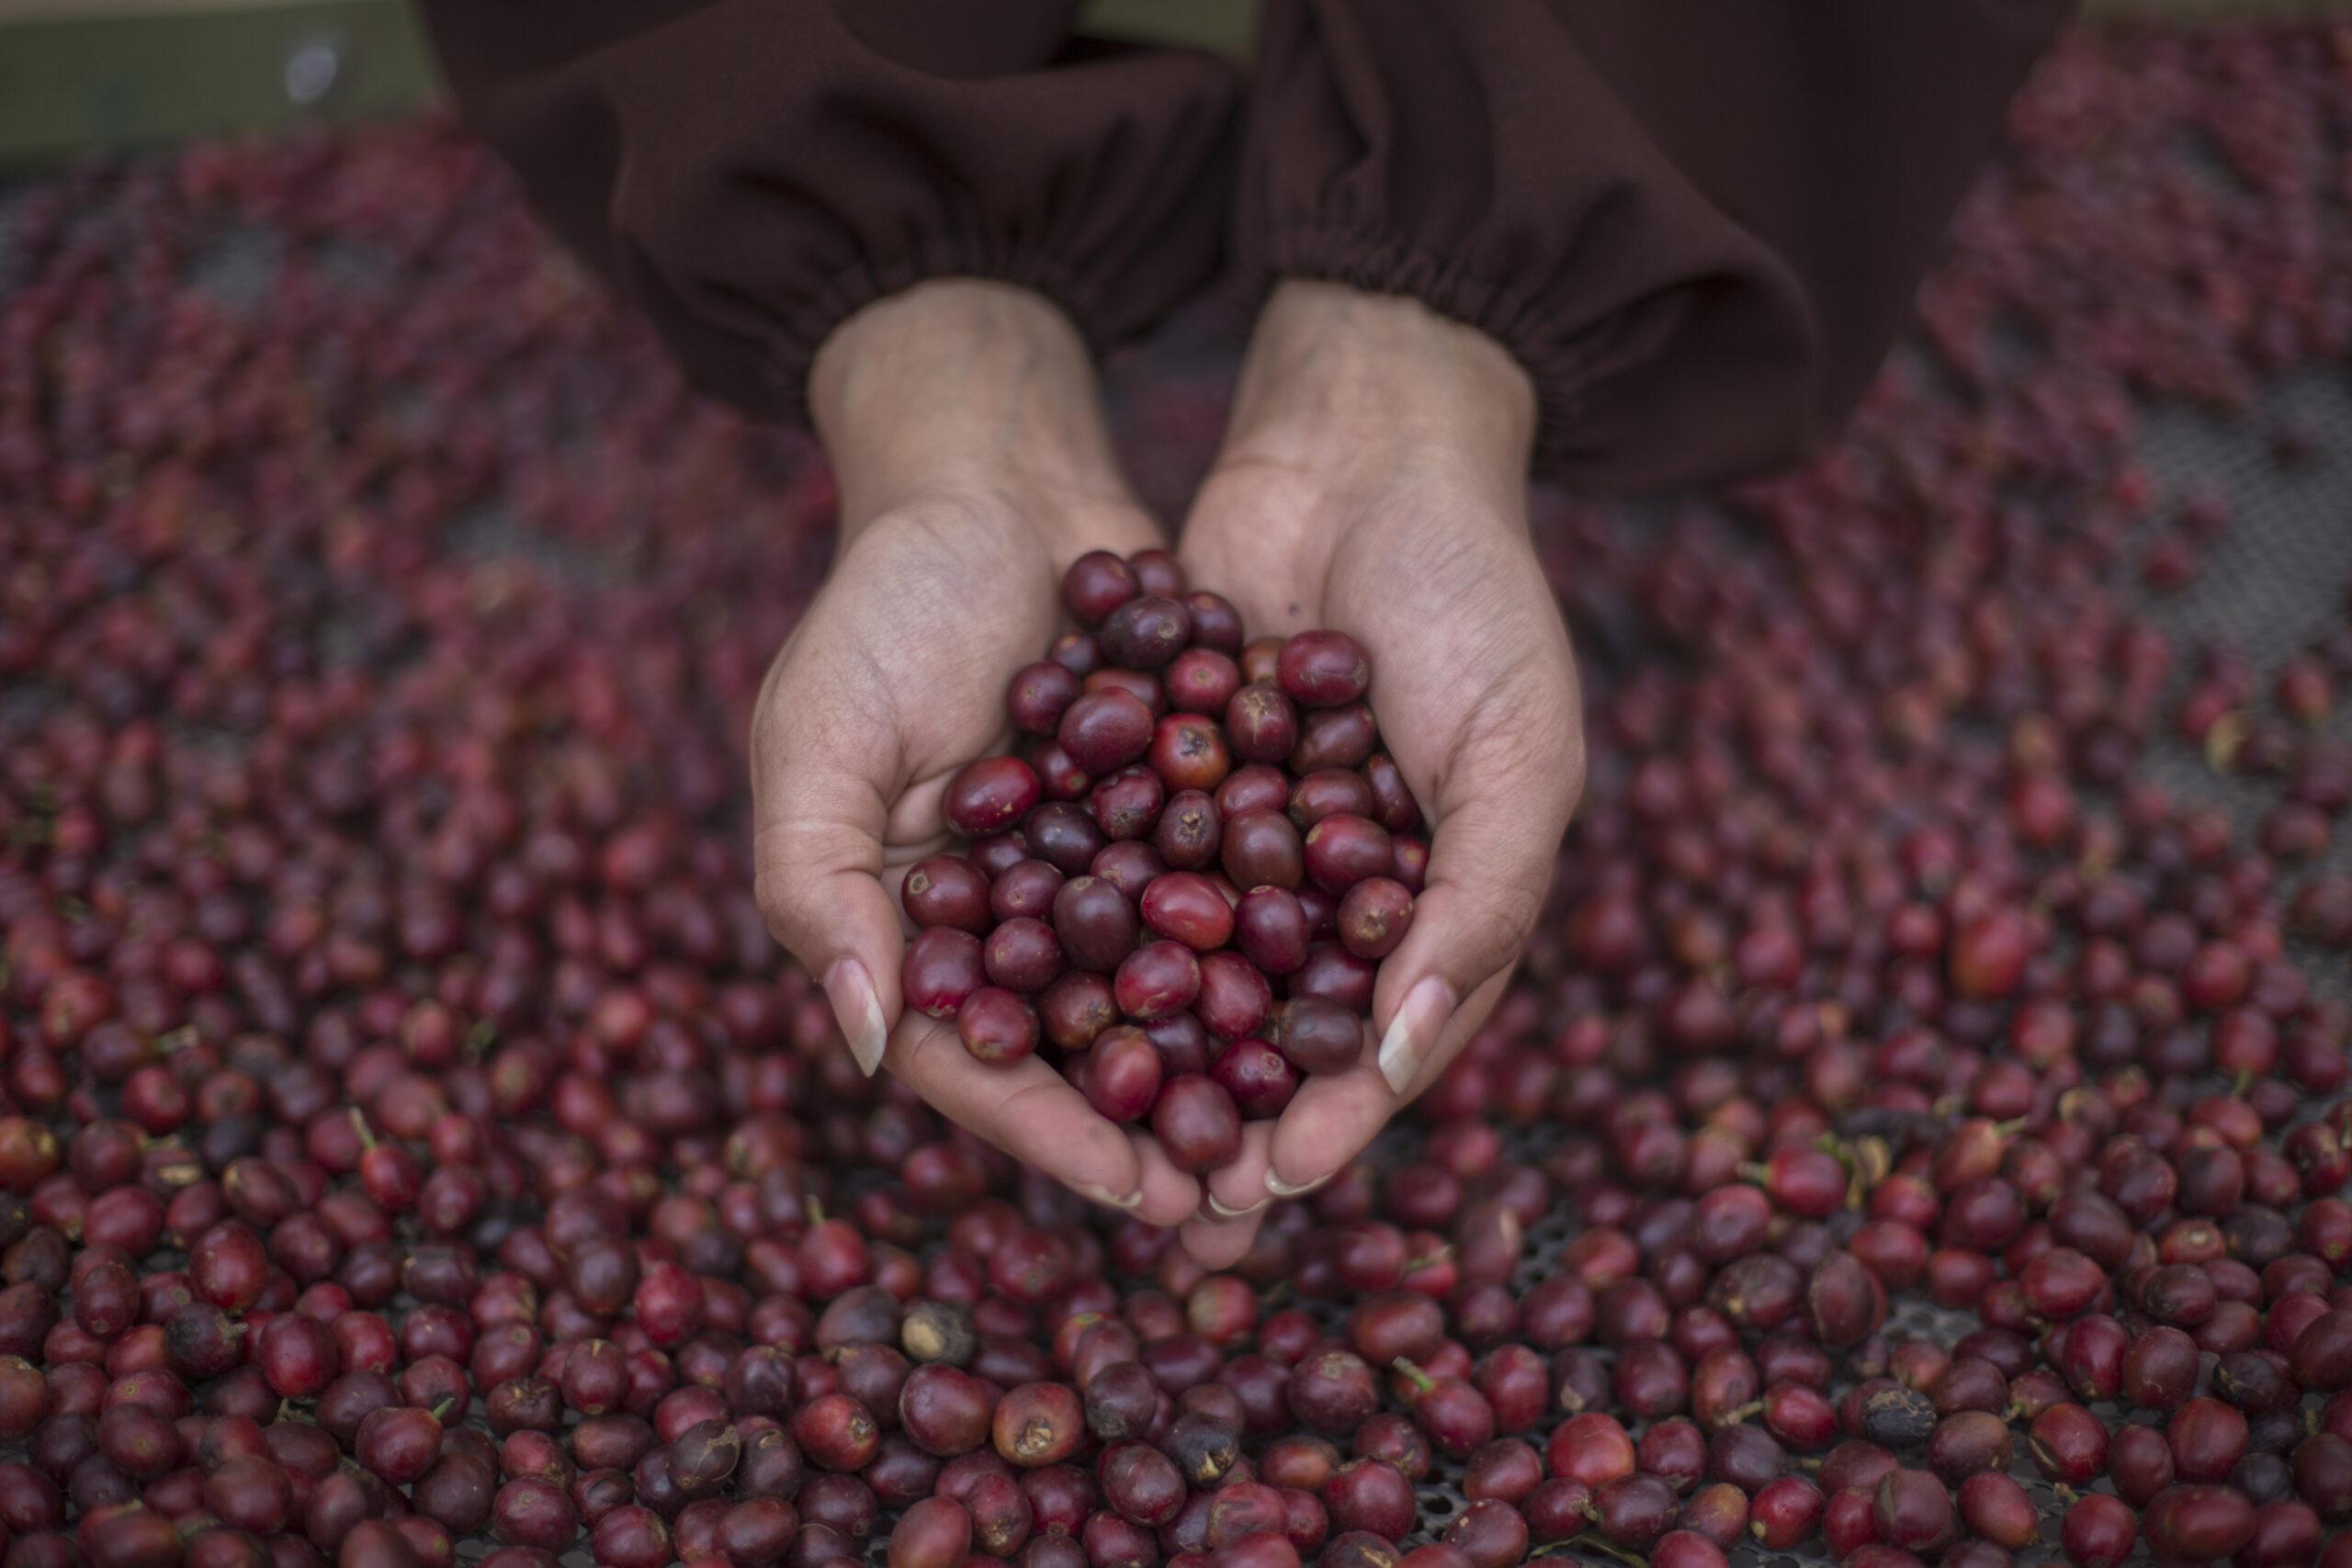 Yemen coffee cherries